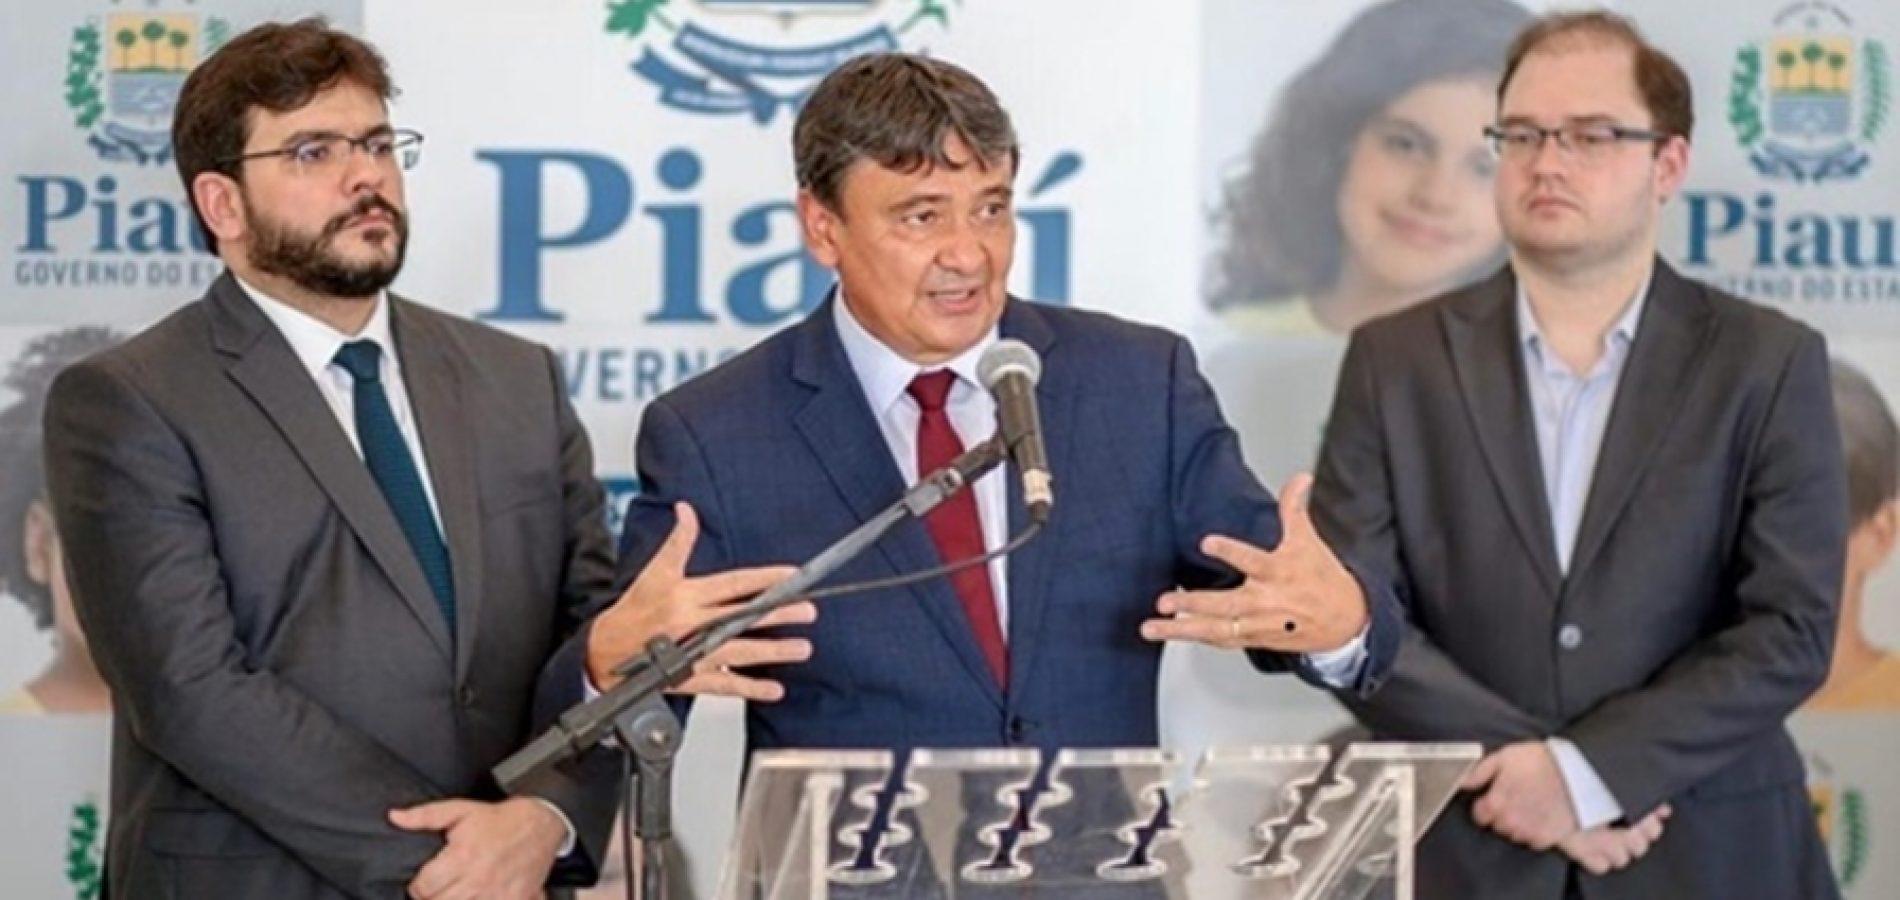 Governo do Piauí impõe punição para quem desrespeitar medidas restritivas; multas variam de R$ 1.500 a R$ 200 mil